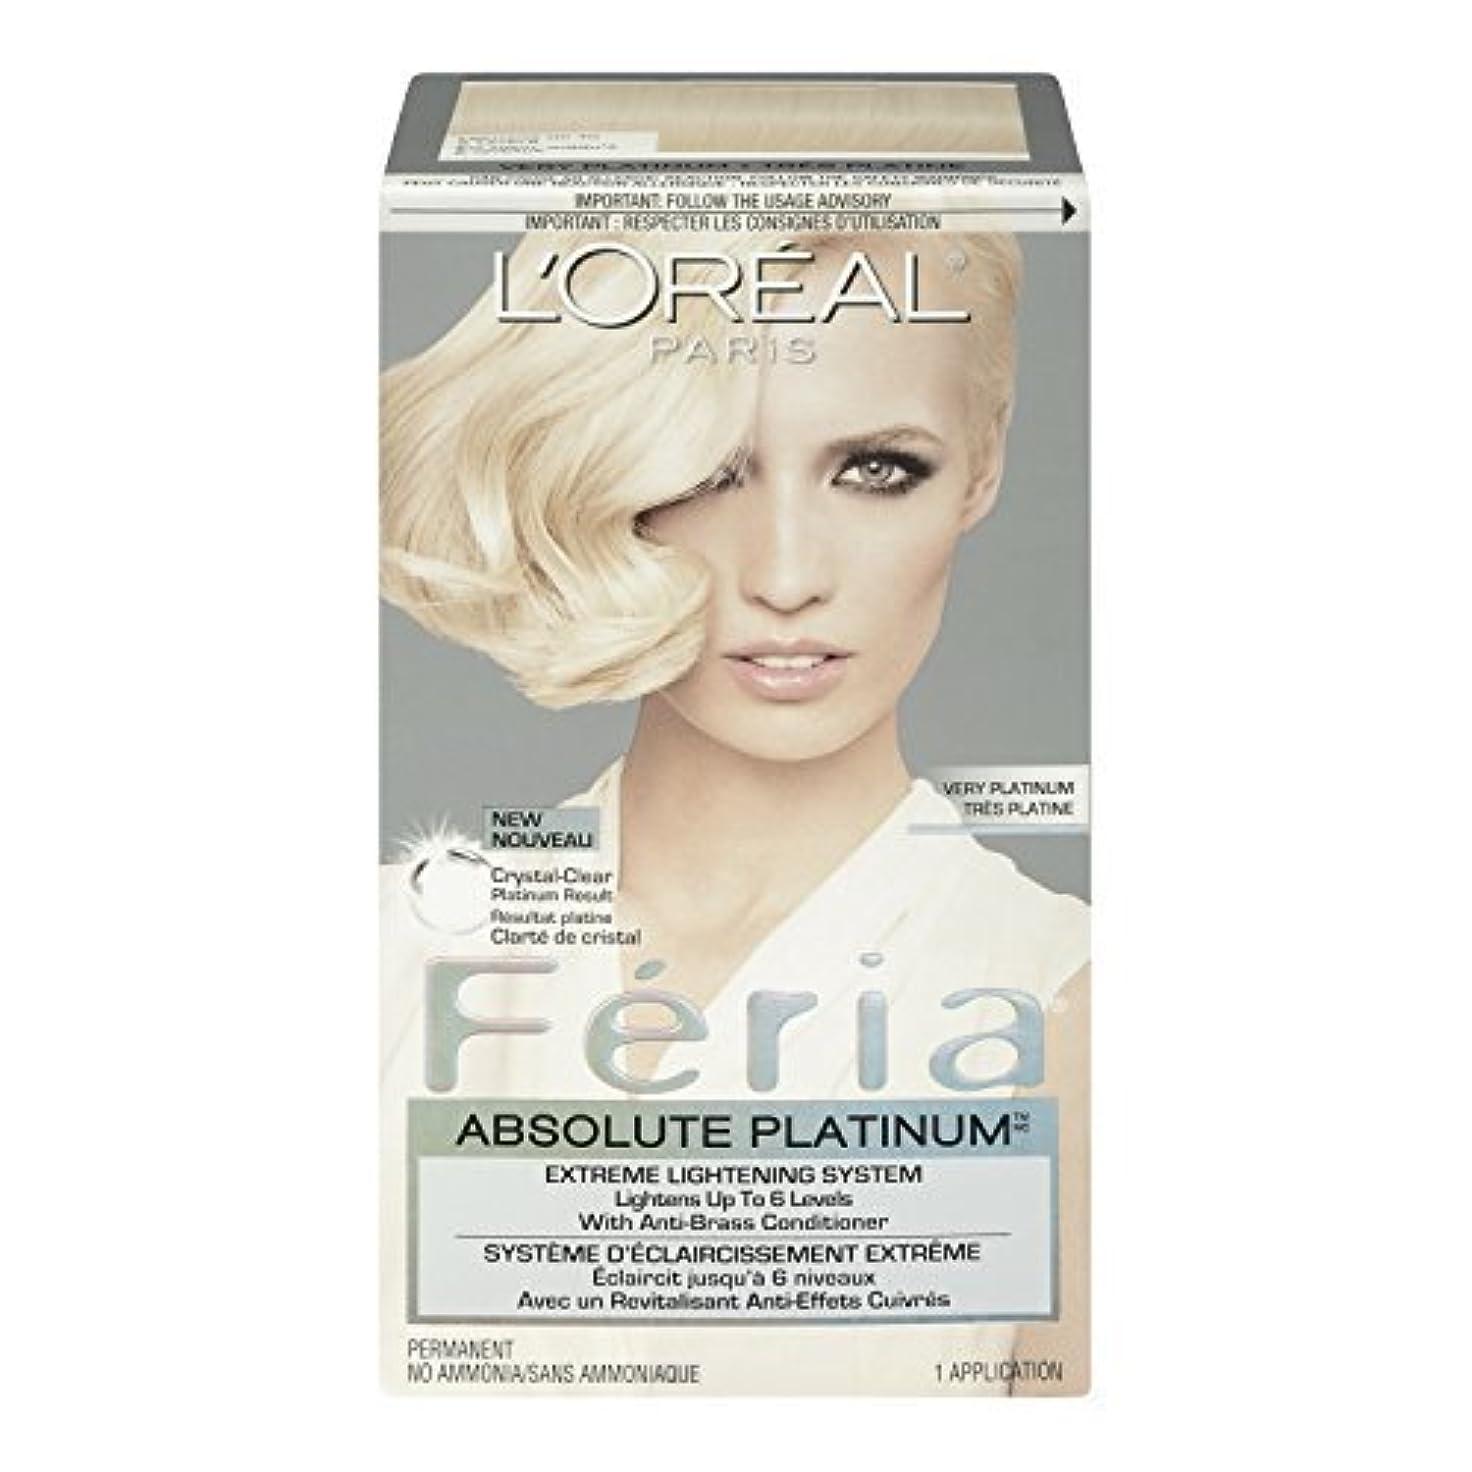 ガム沿って暗黙L'Oreal Feria Absolute Platinums Hair Color, Very Platinum by L'Oreal Paris Hair Color [並行輸入品]